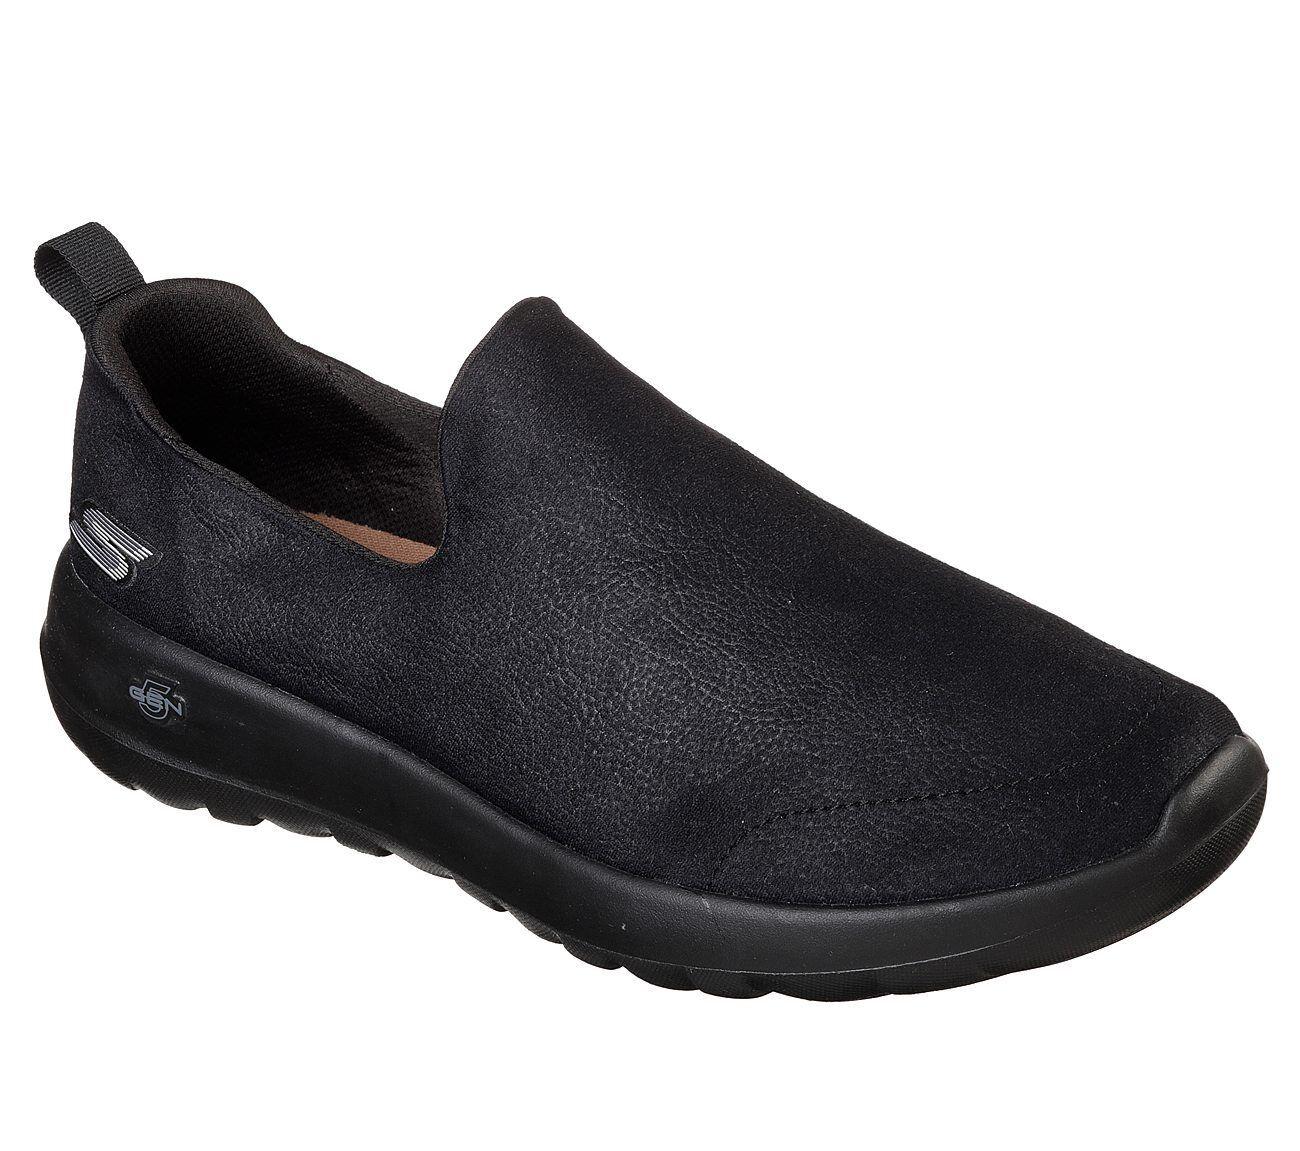 Skechers go walk max-escalate zapatos 54612 mens 5gen goga zapatos